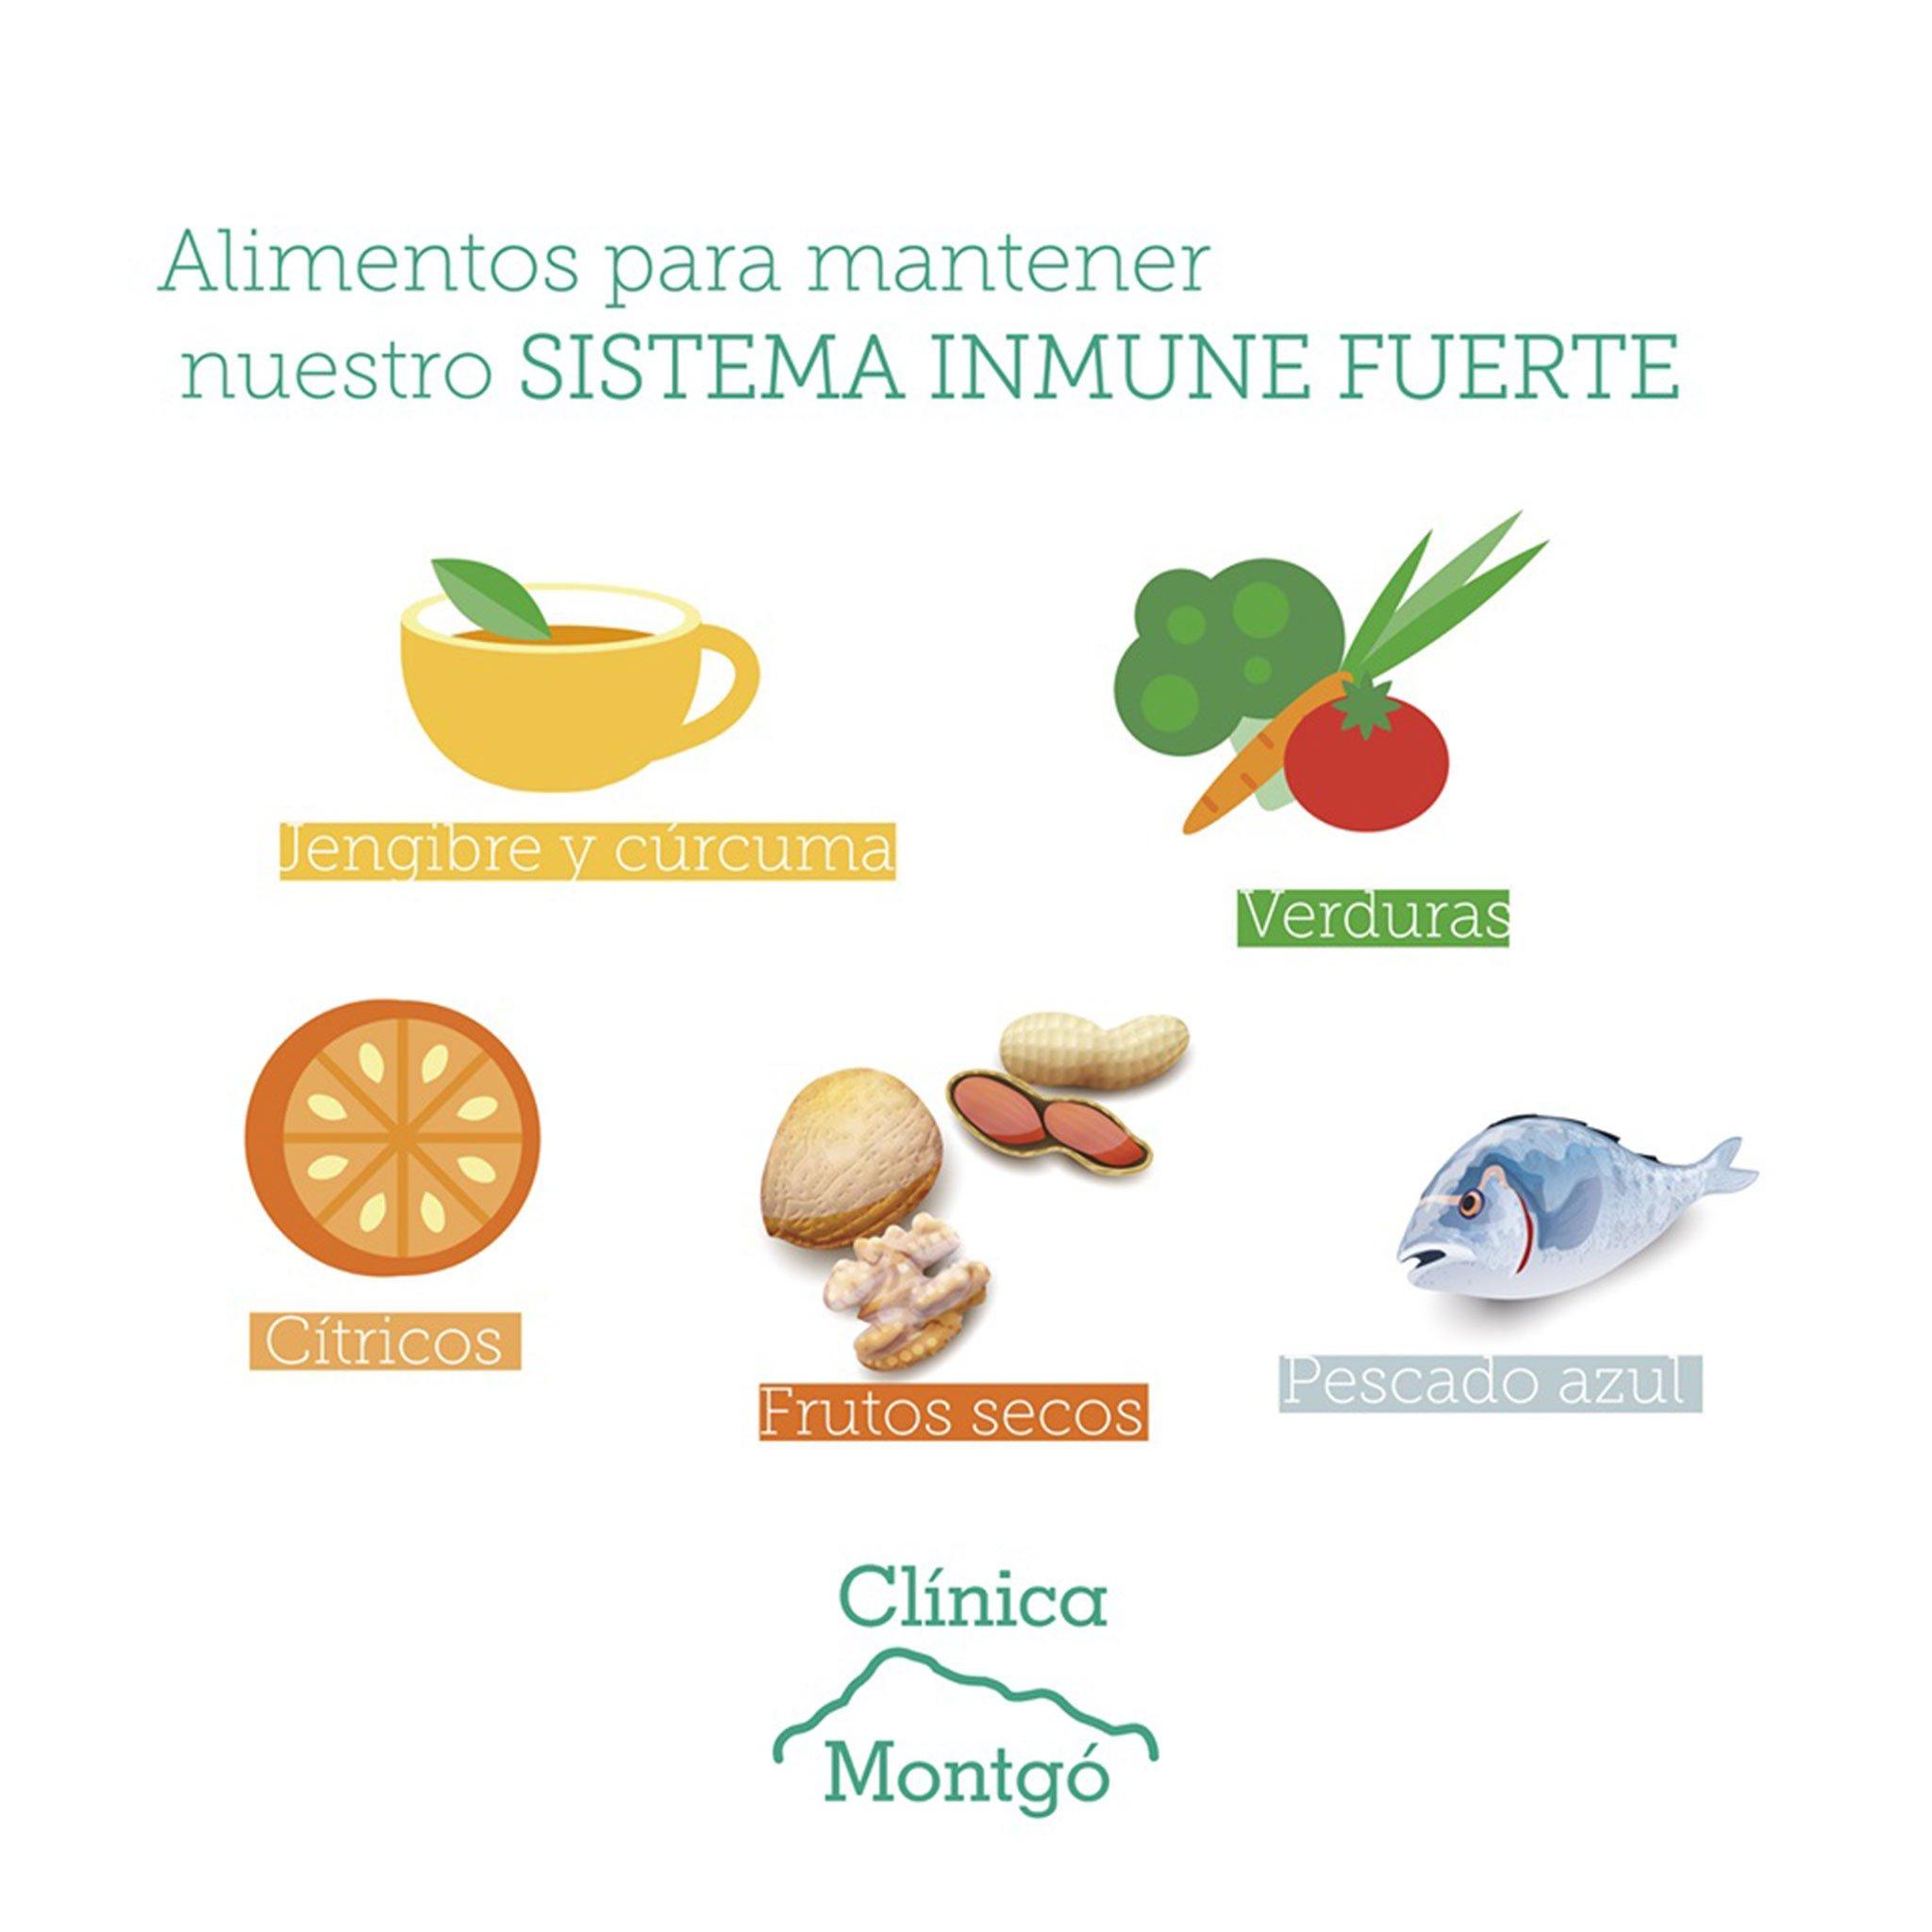 Советы по кормлению, чтобы позаботиться о себе, это один из способов, которым медицинская клиника Montgó хочет помочь